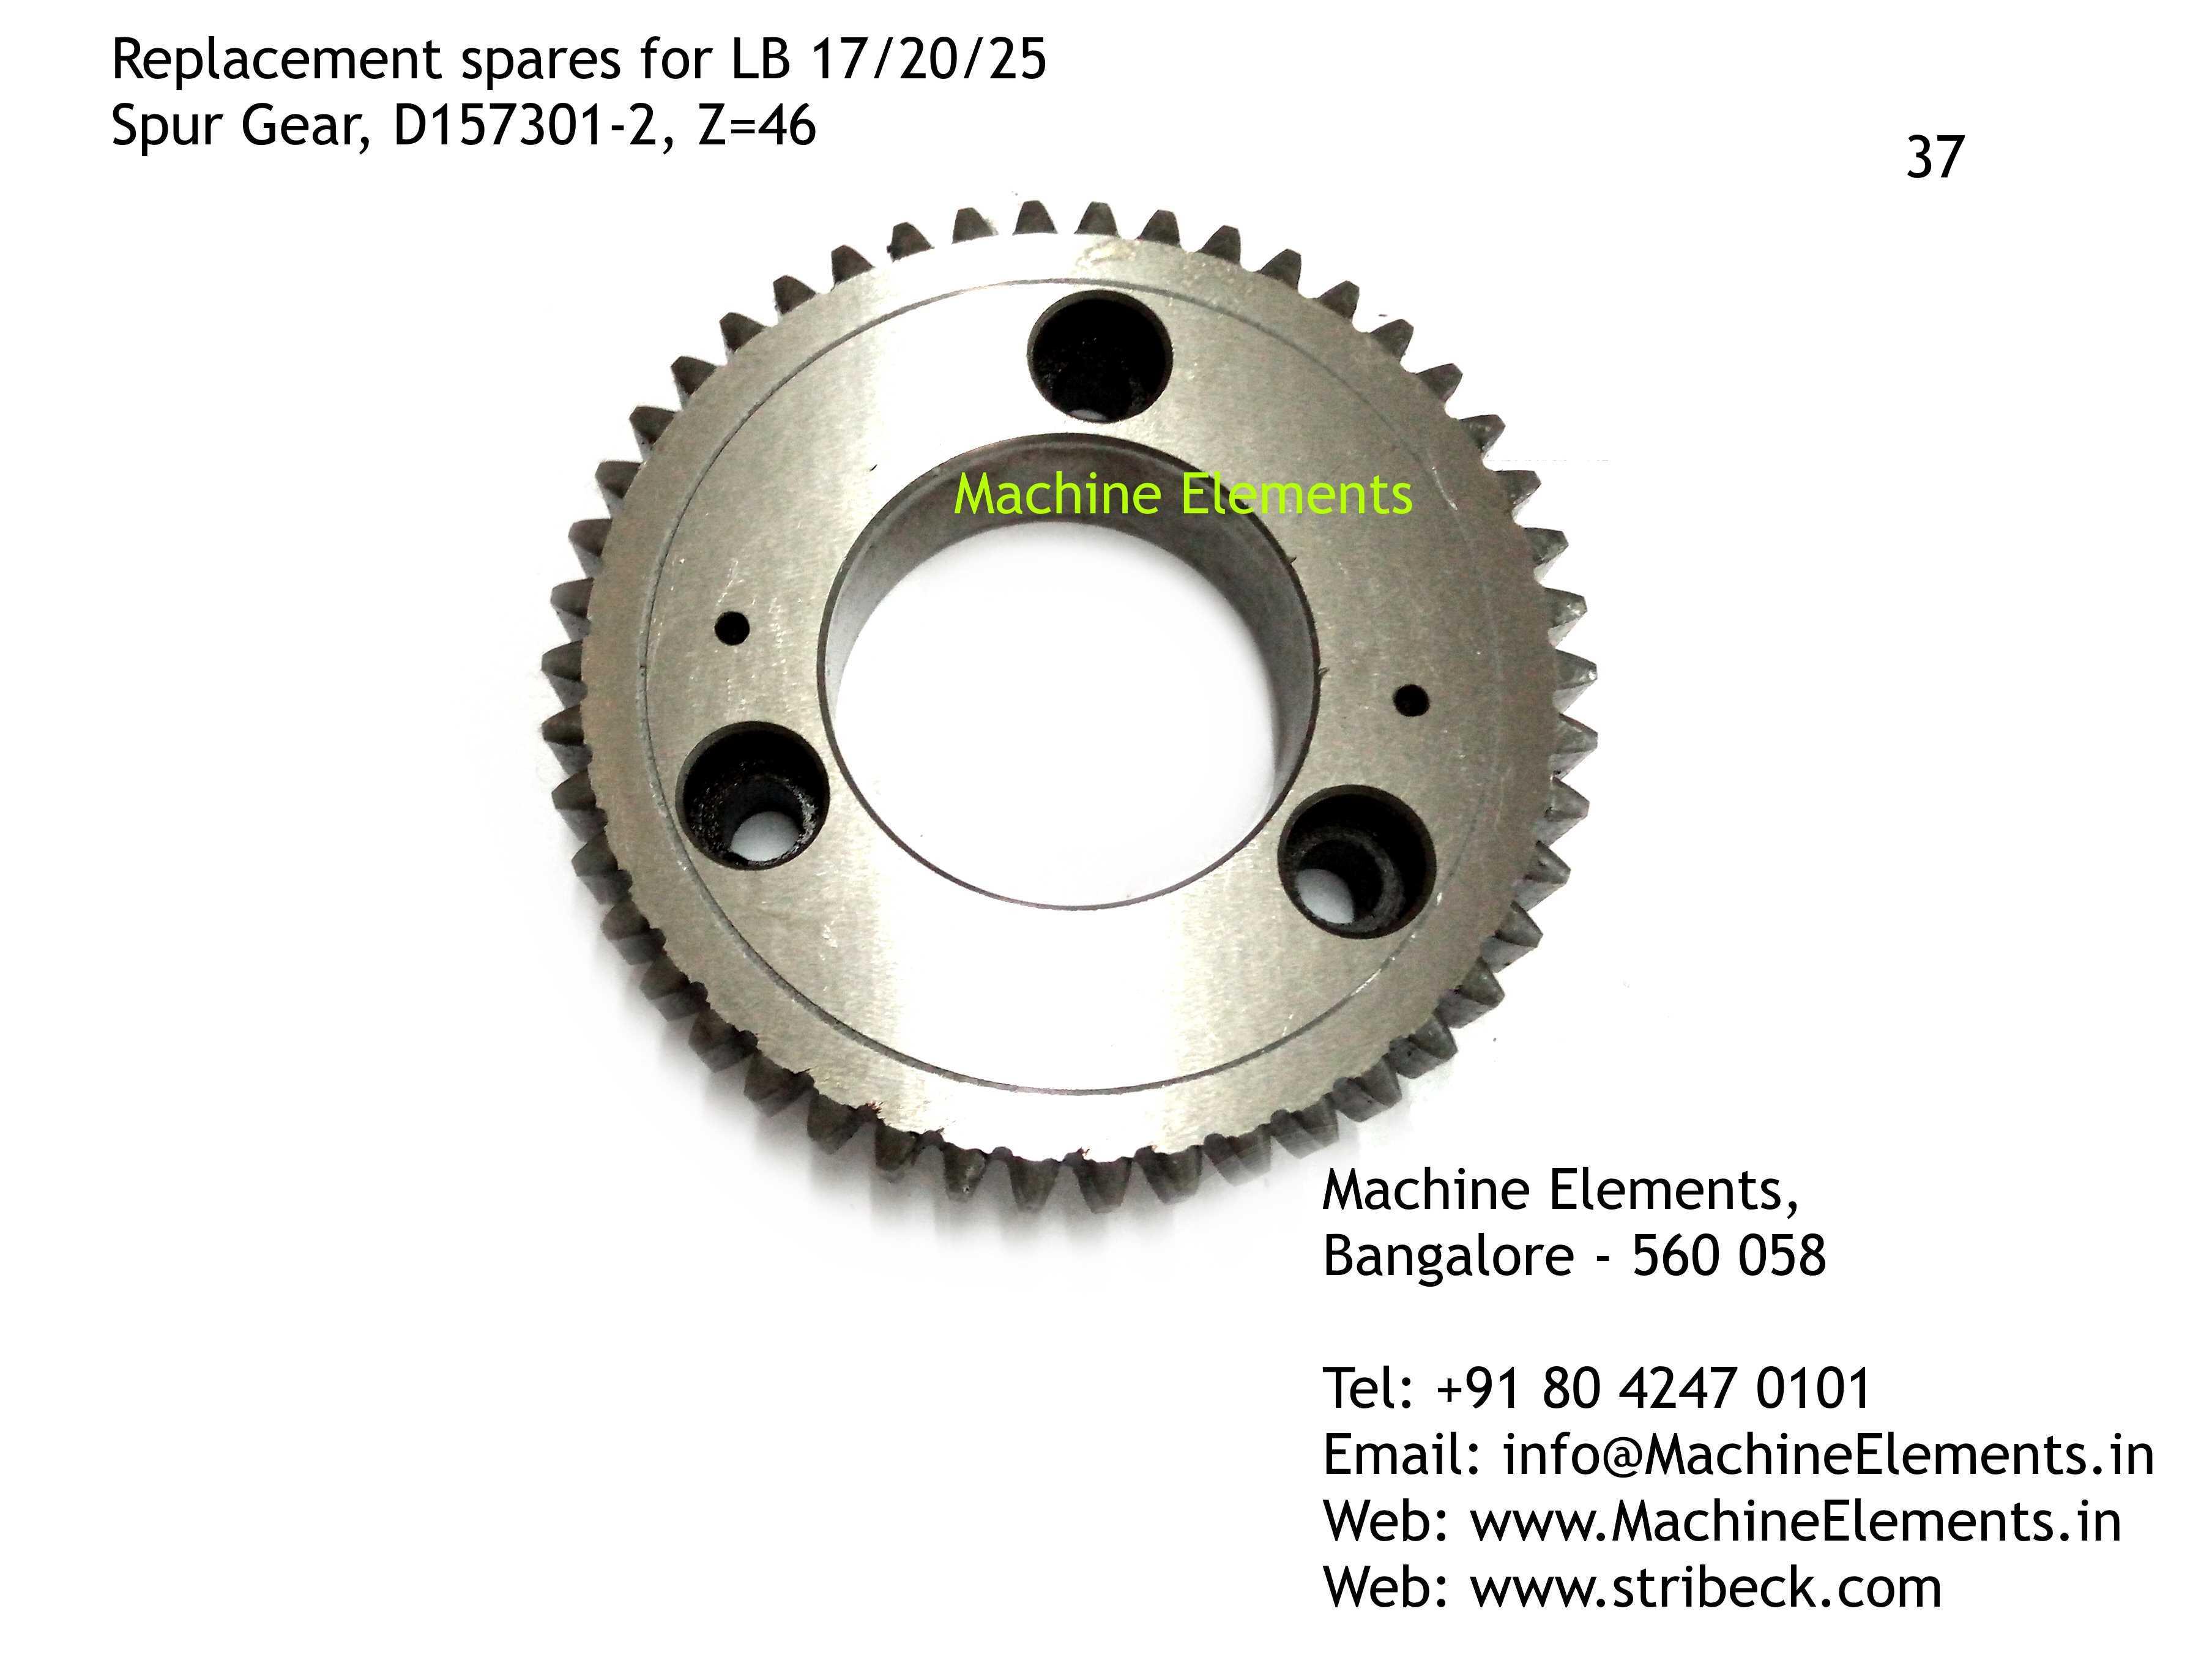 Spur Gear, D157301-2, Z=46